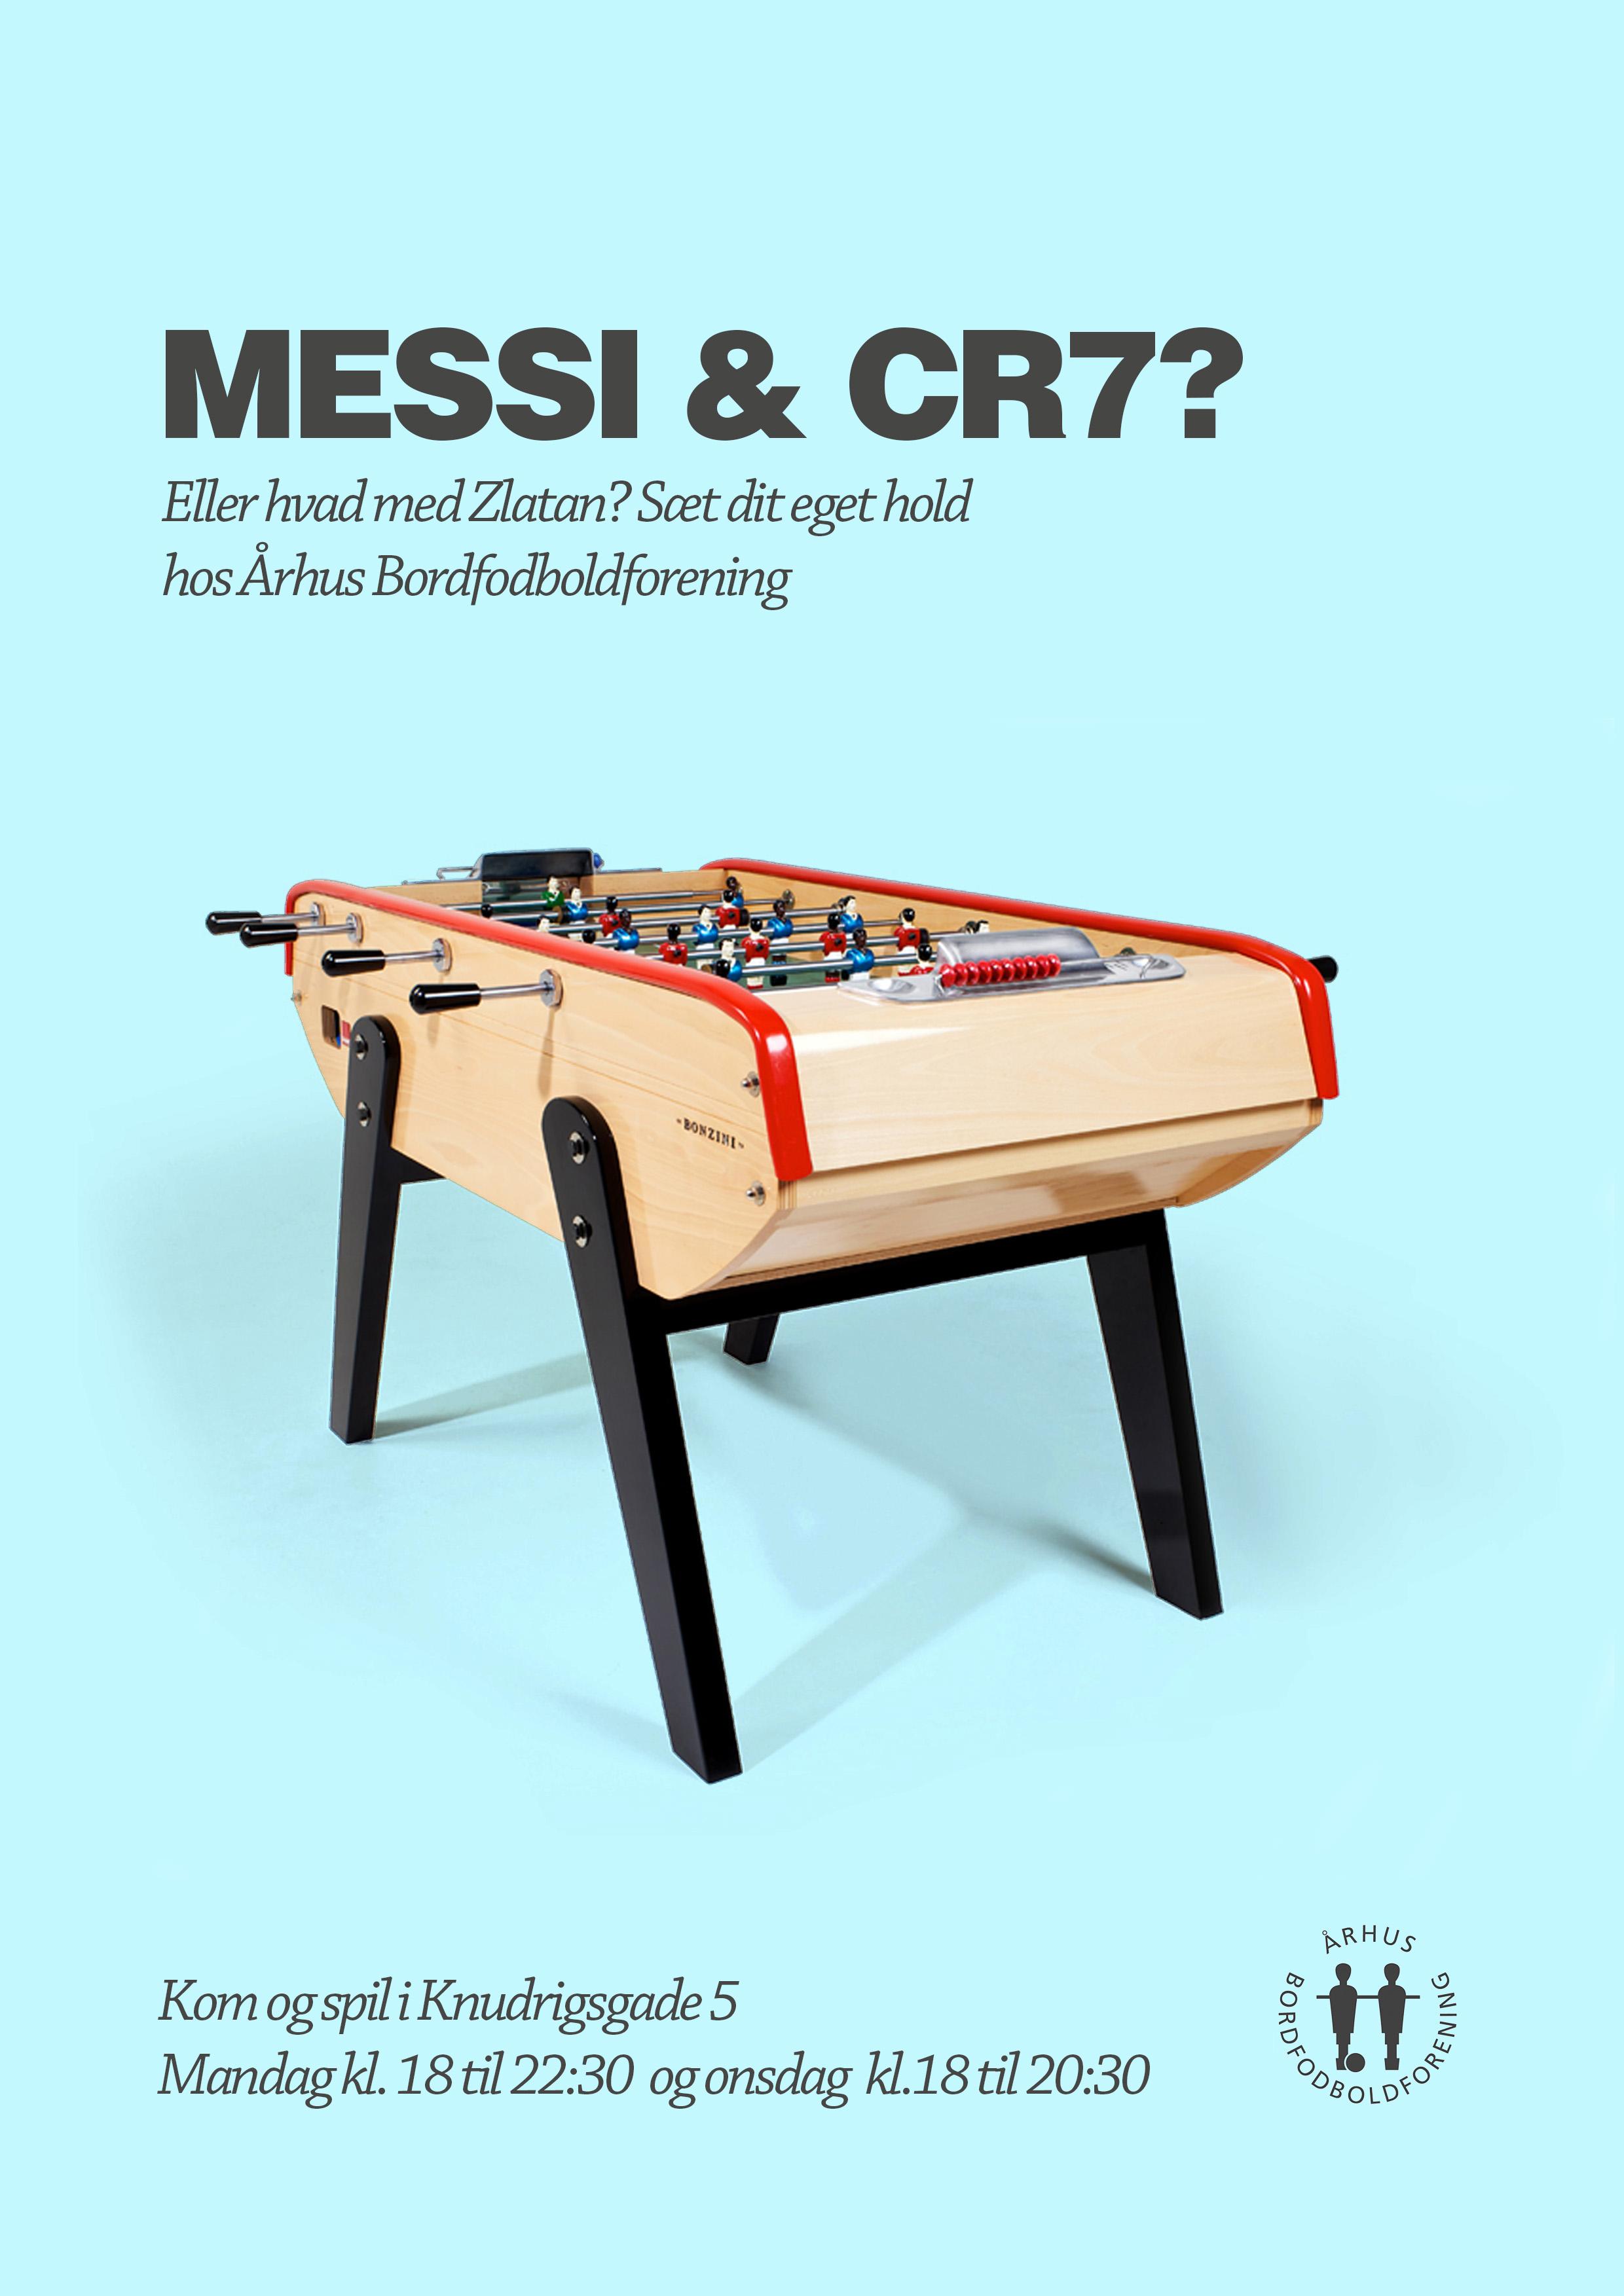 Øl og Træning_0002_Messi & CR7_